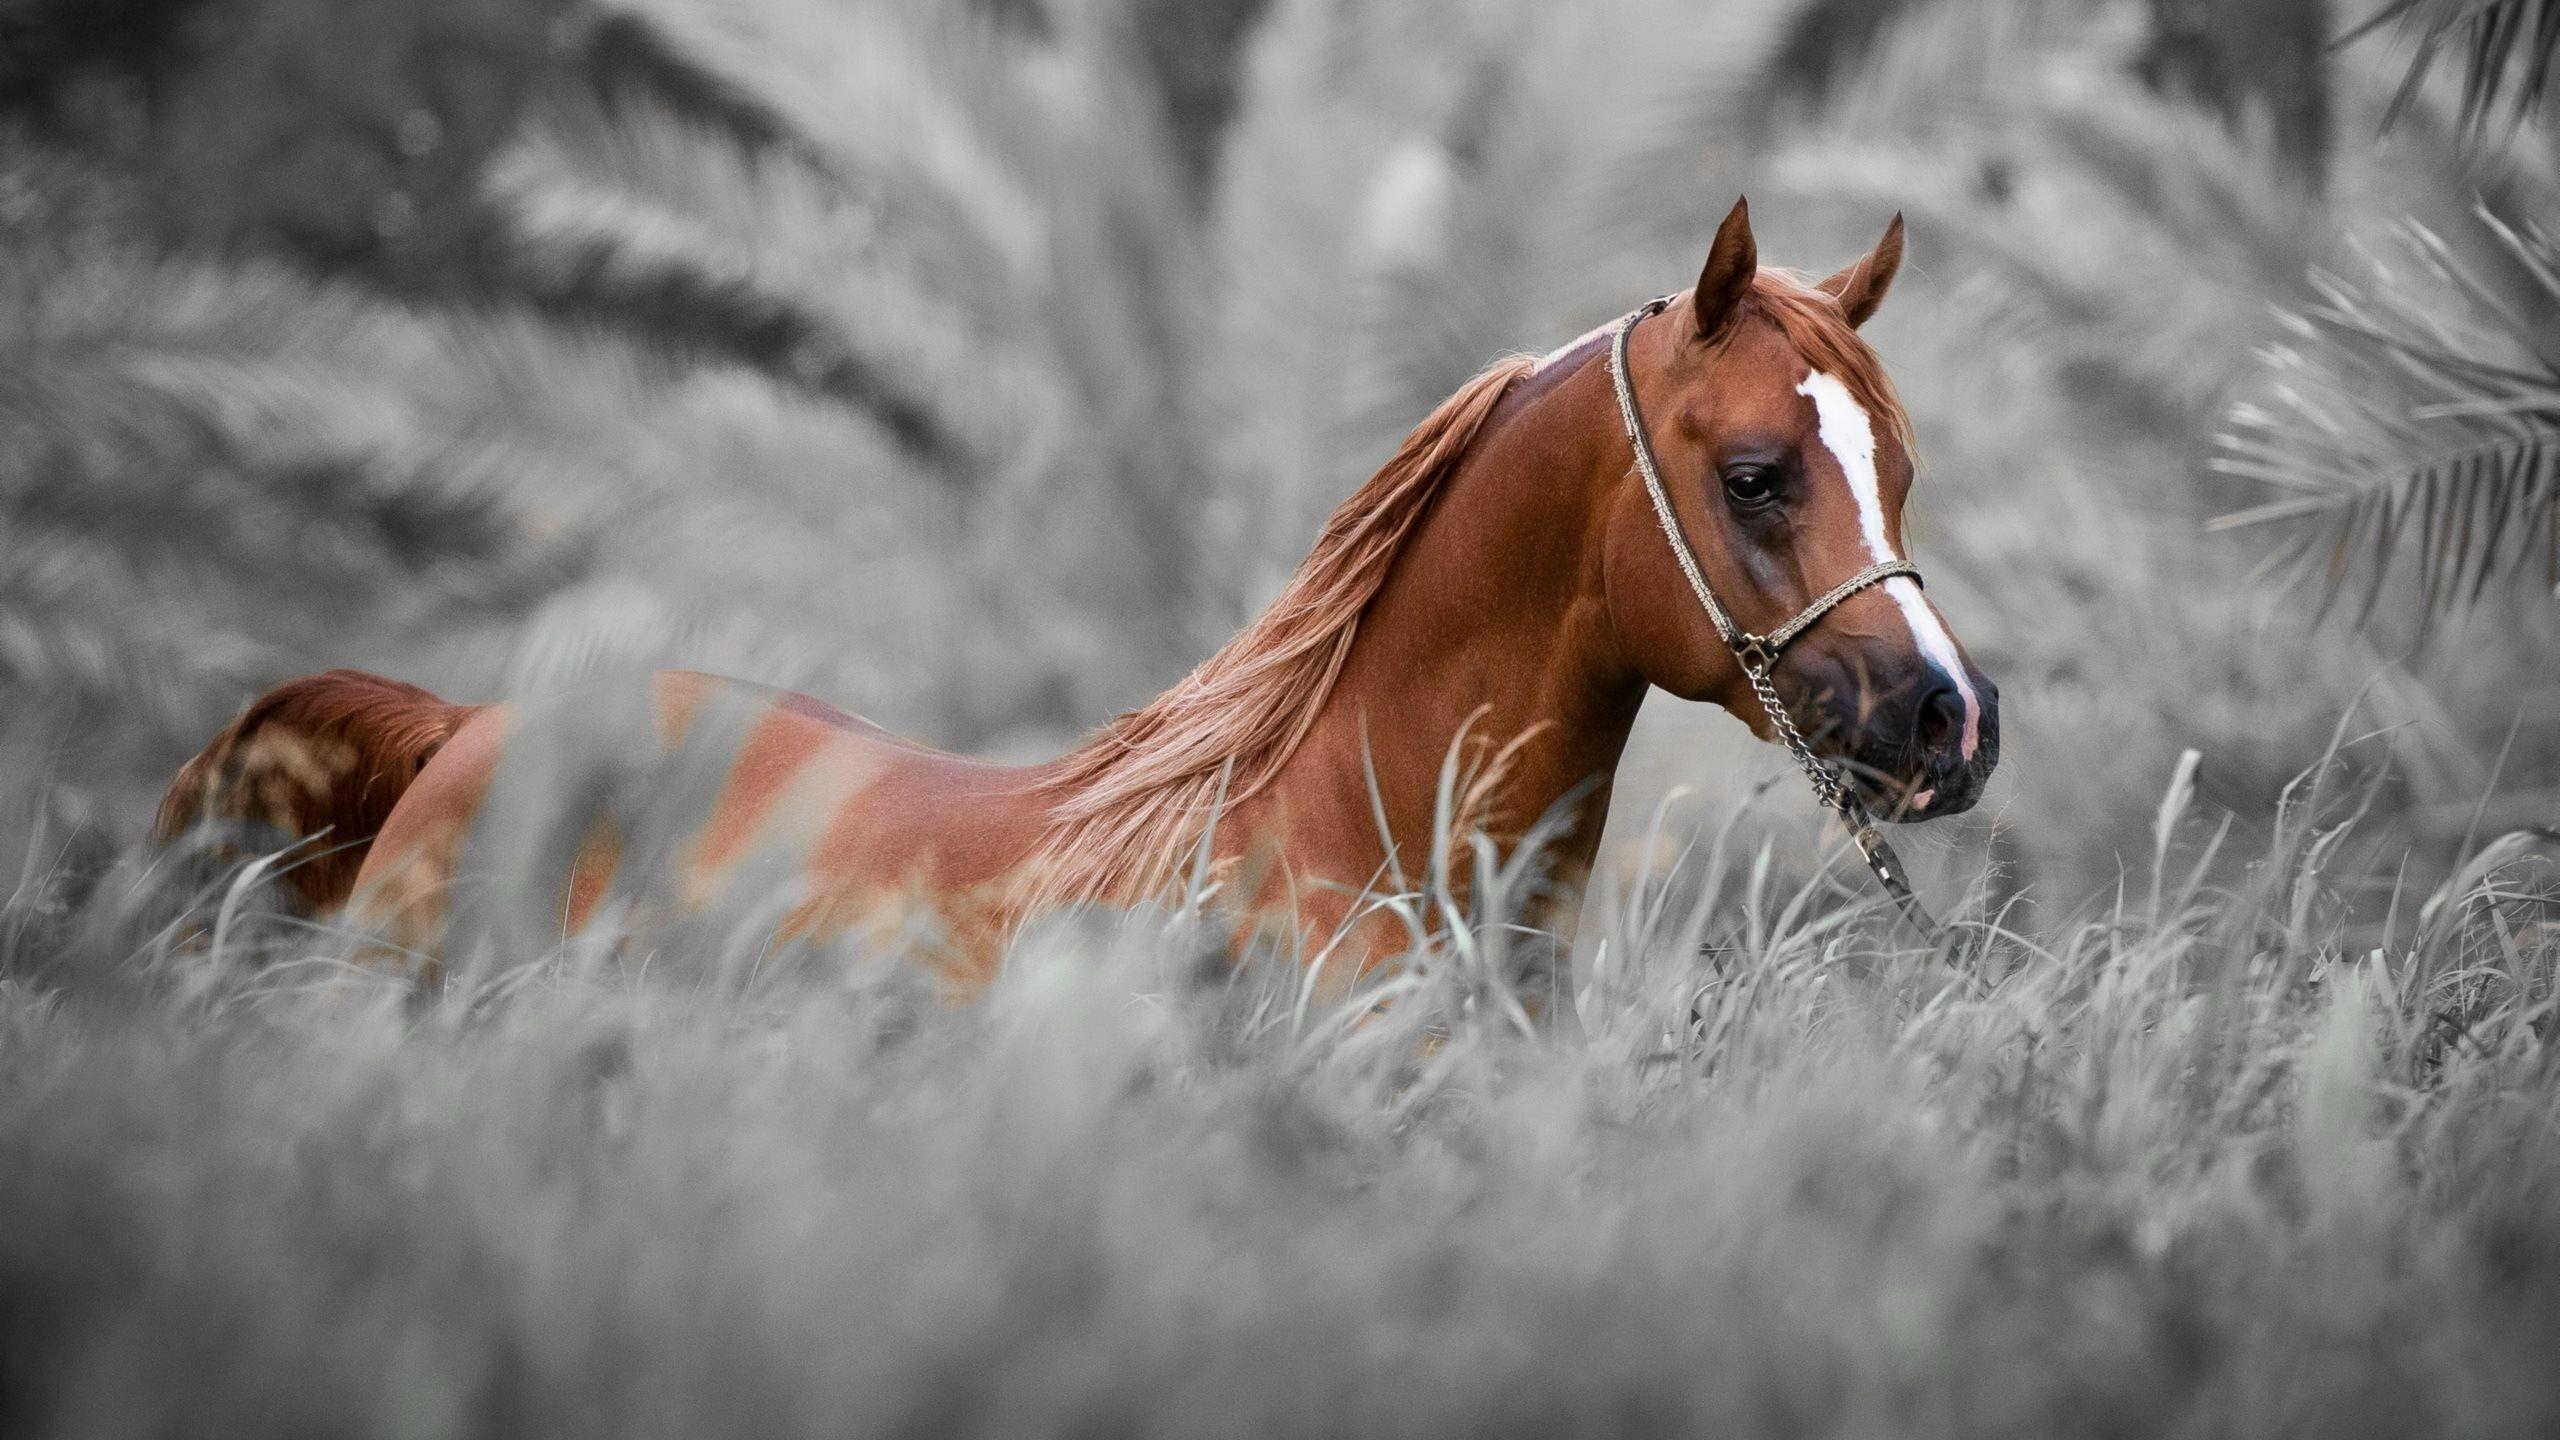 Res: 2560x1440, horse wallpaper hd | horse wallpapers hd